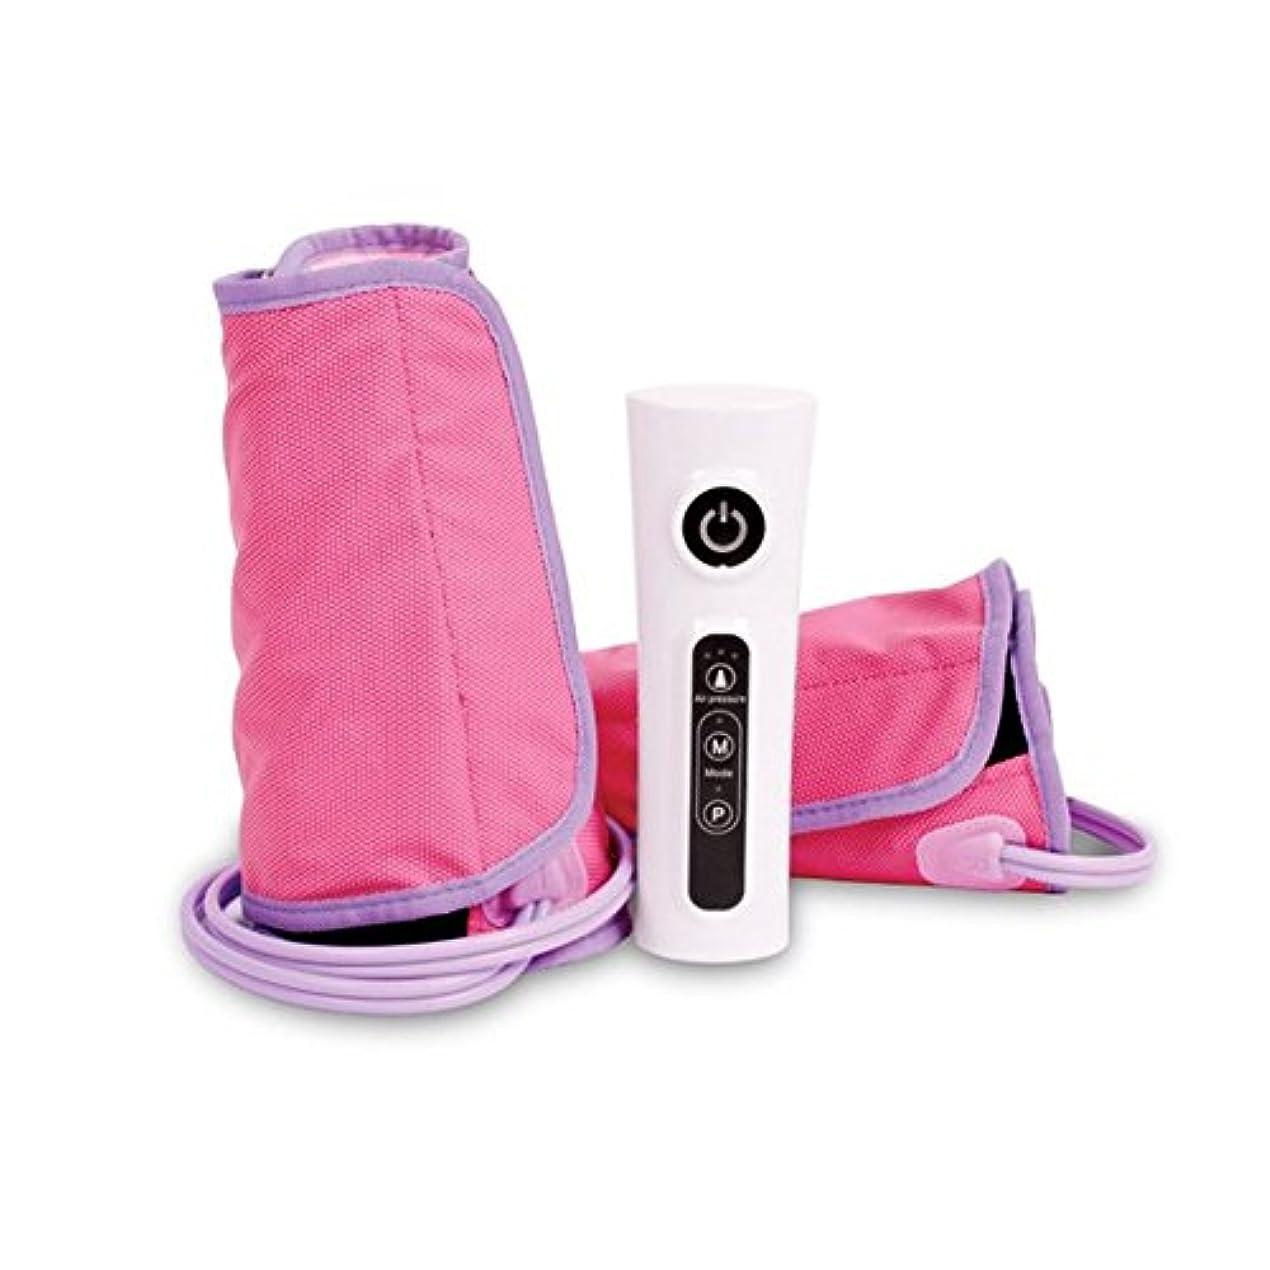 スイス人縁石選択するZespa ZP418 Rechargeable Line slimming Air Compression calf Leg Arm Foot Massager 360 rotary air pressure massage...